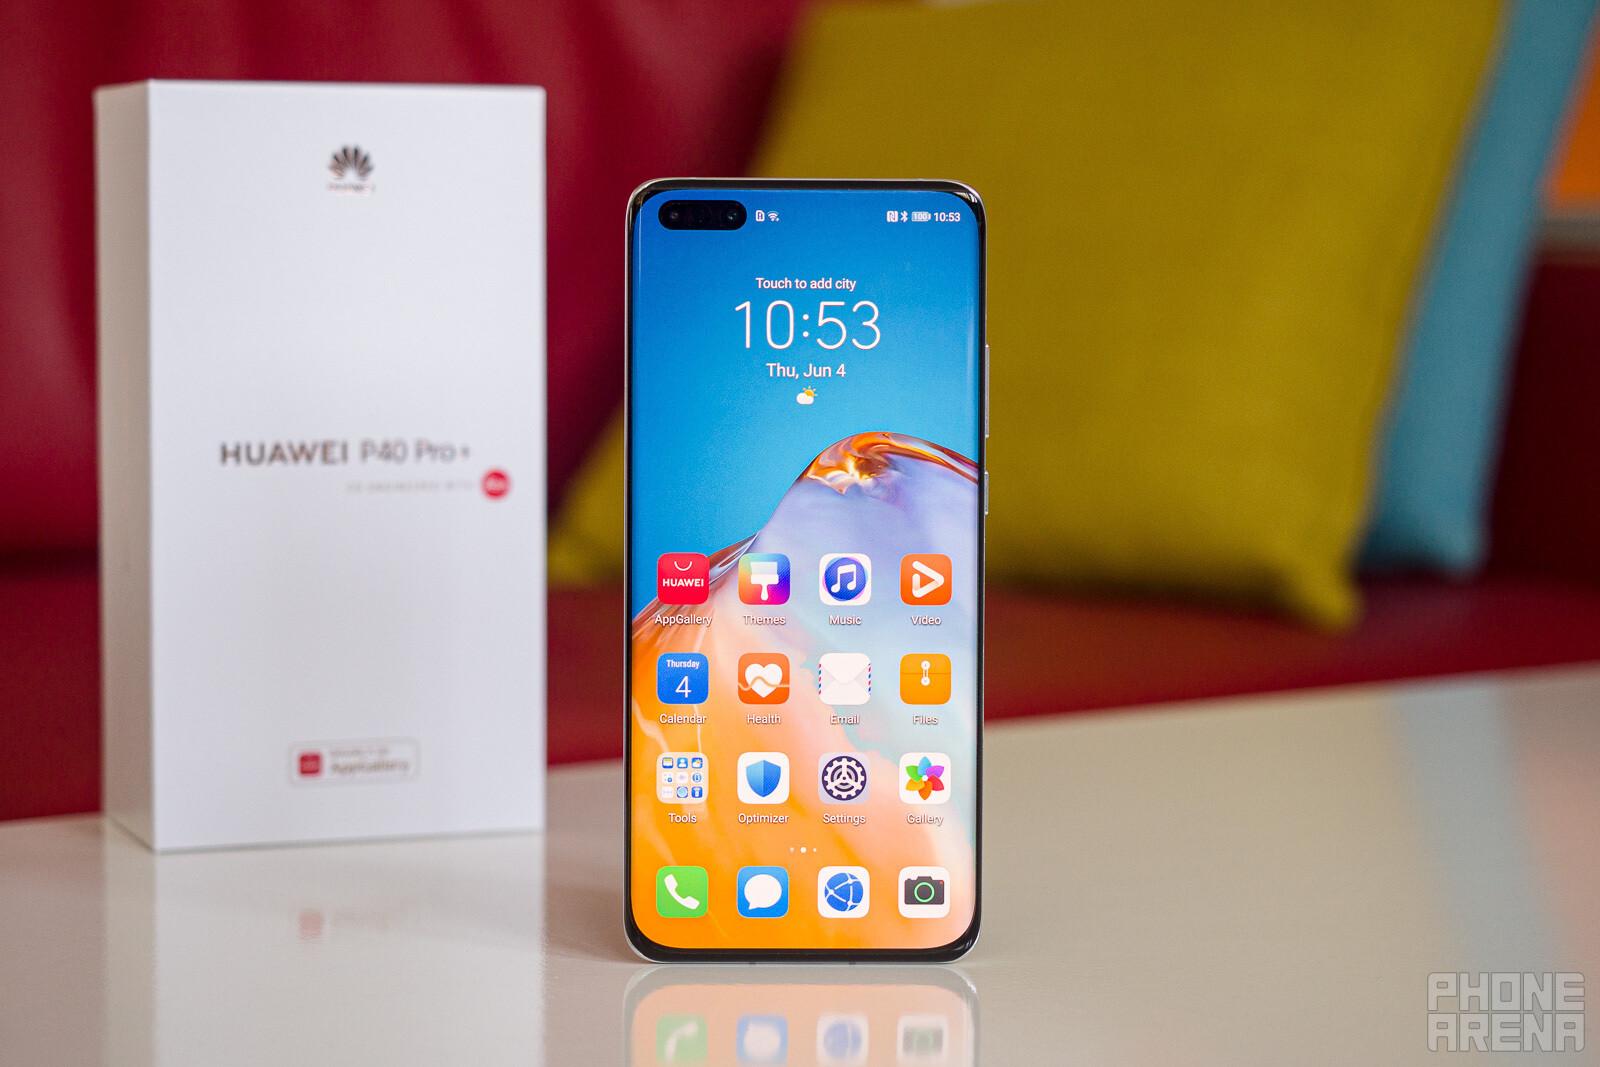 Huawei-P40-Review001.jpg Pro